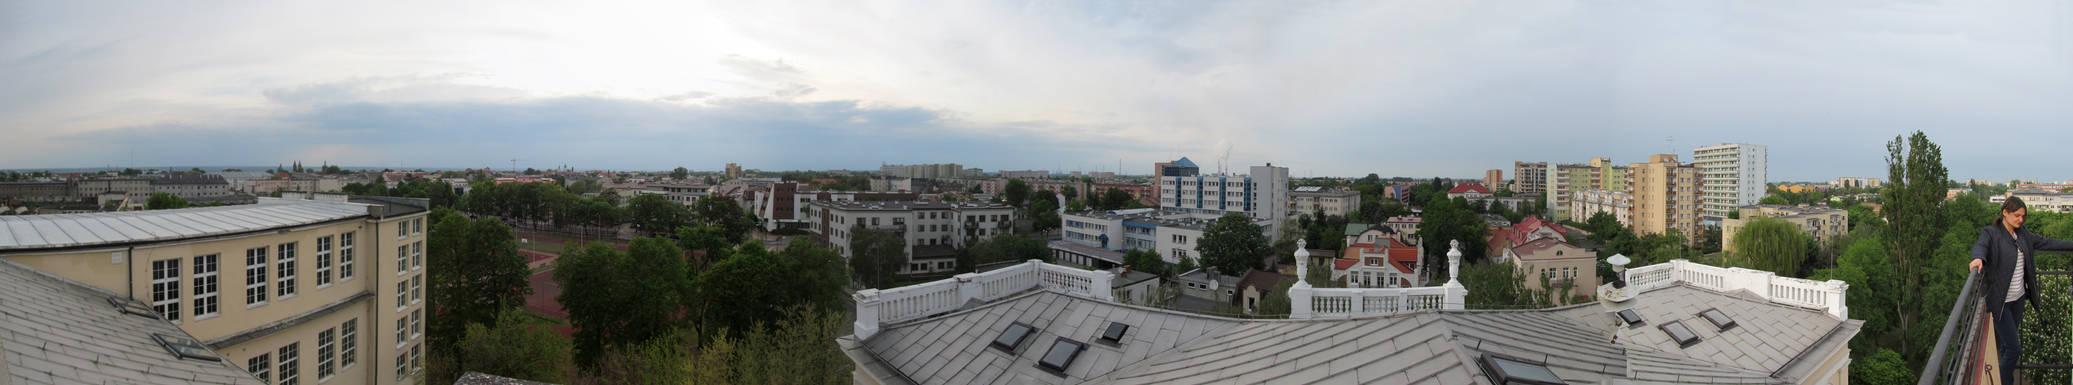 Widok z  Jagielonki w Plocku